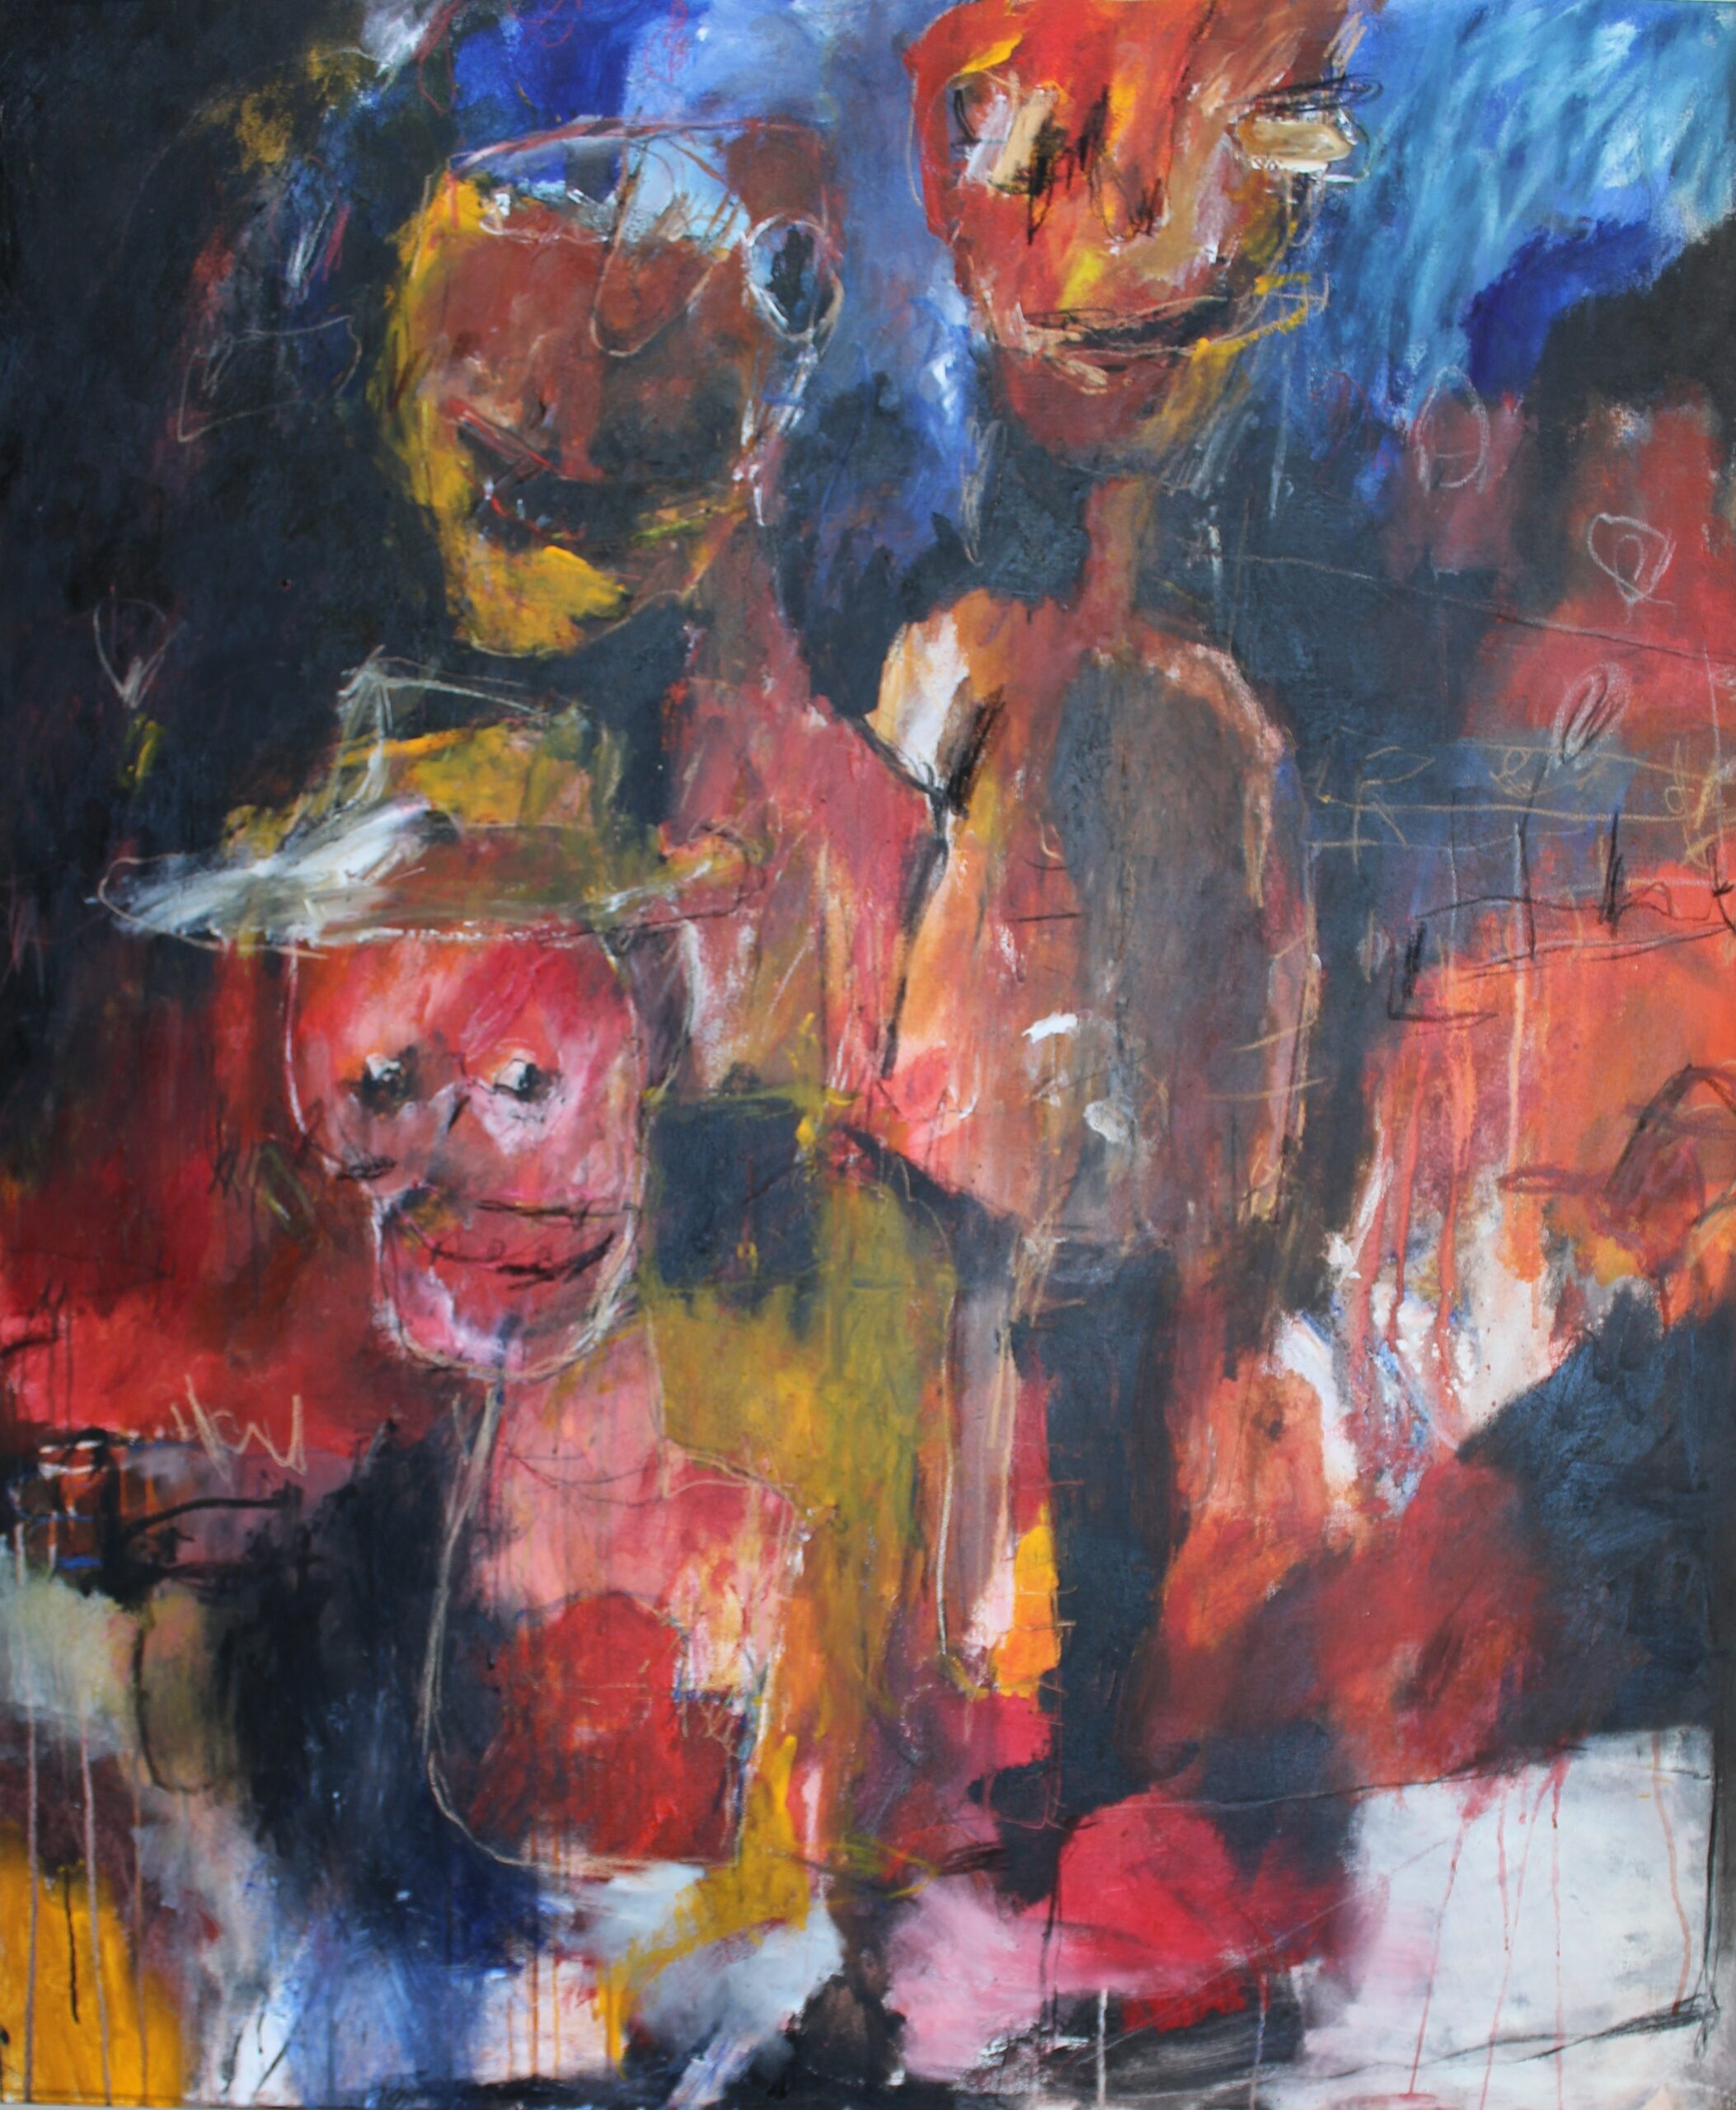 Wild boys, gemengde techniek op canvas, 100 x 120 cm, 2016